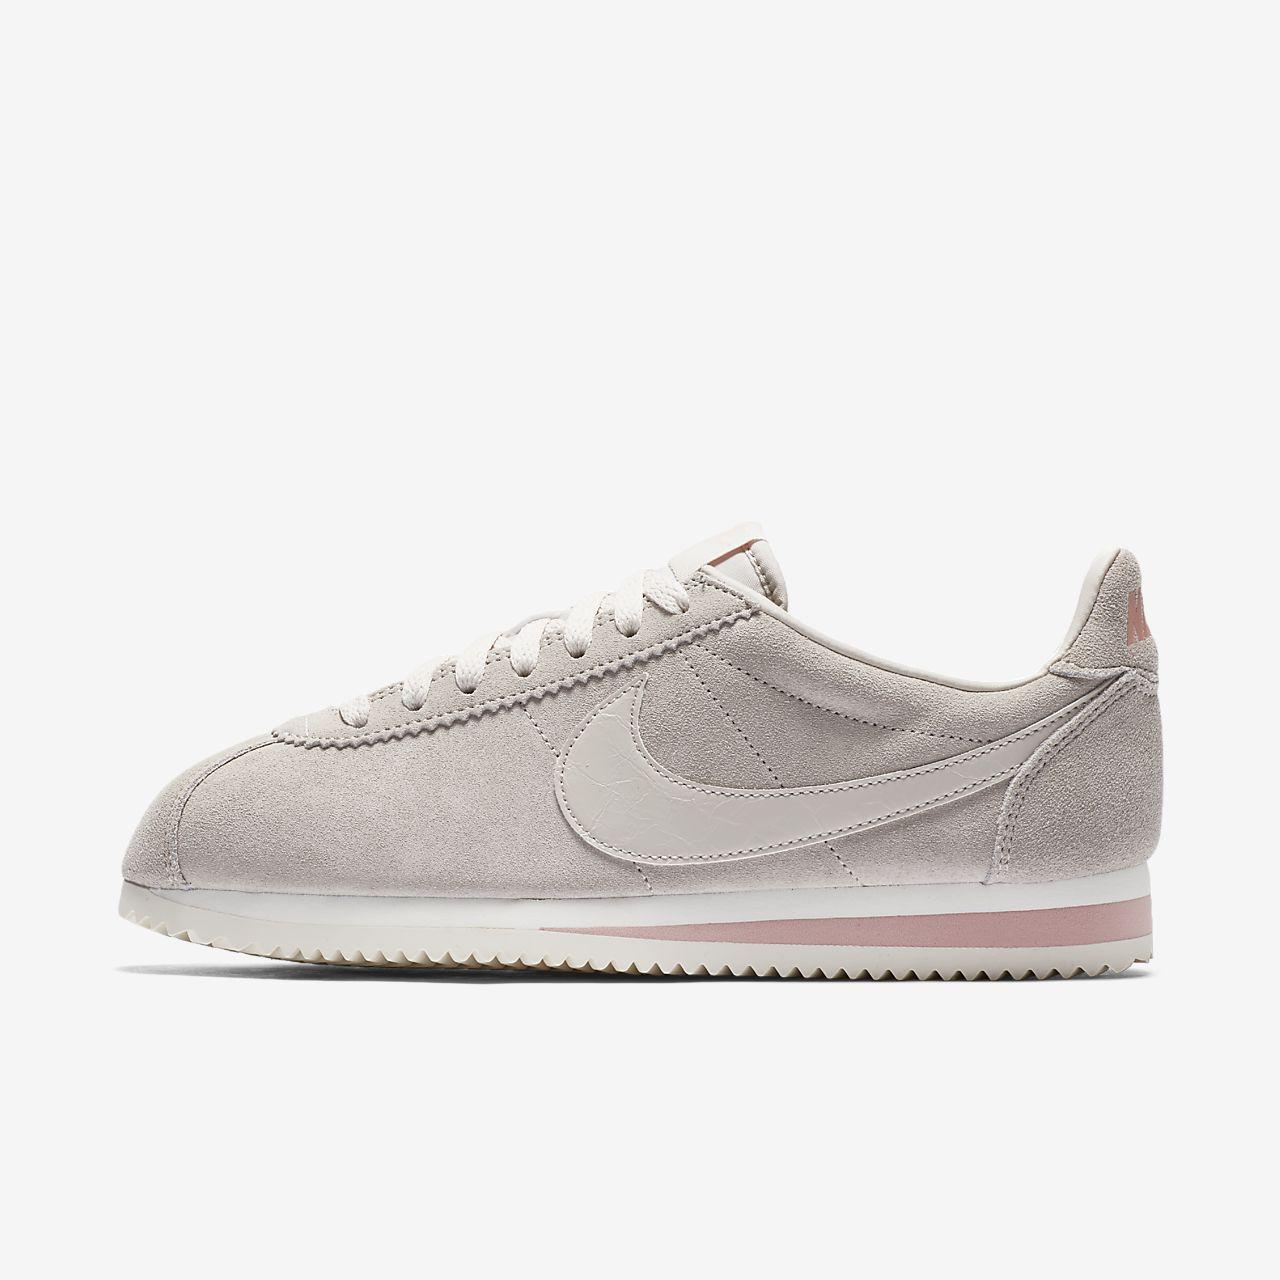 scarpe nike classic cortez donna